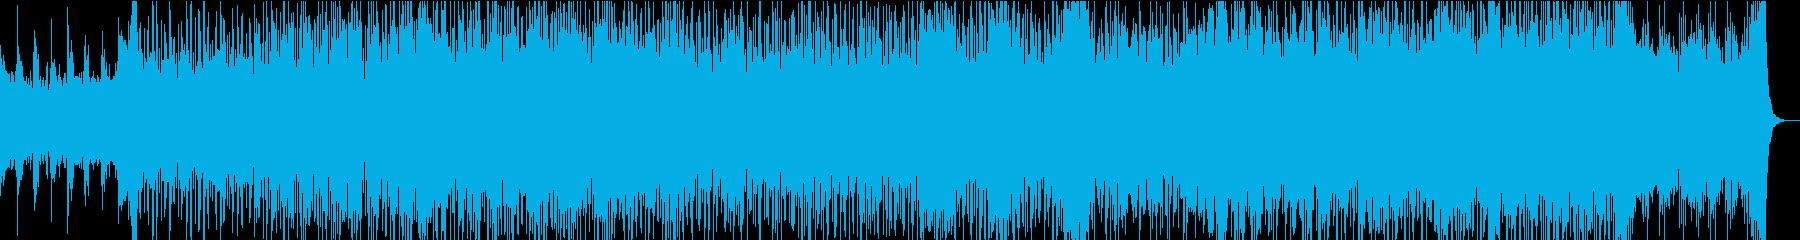 80's シンセウェーブ 近未来的の再生済みの波形